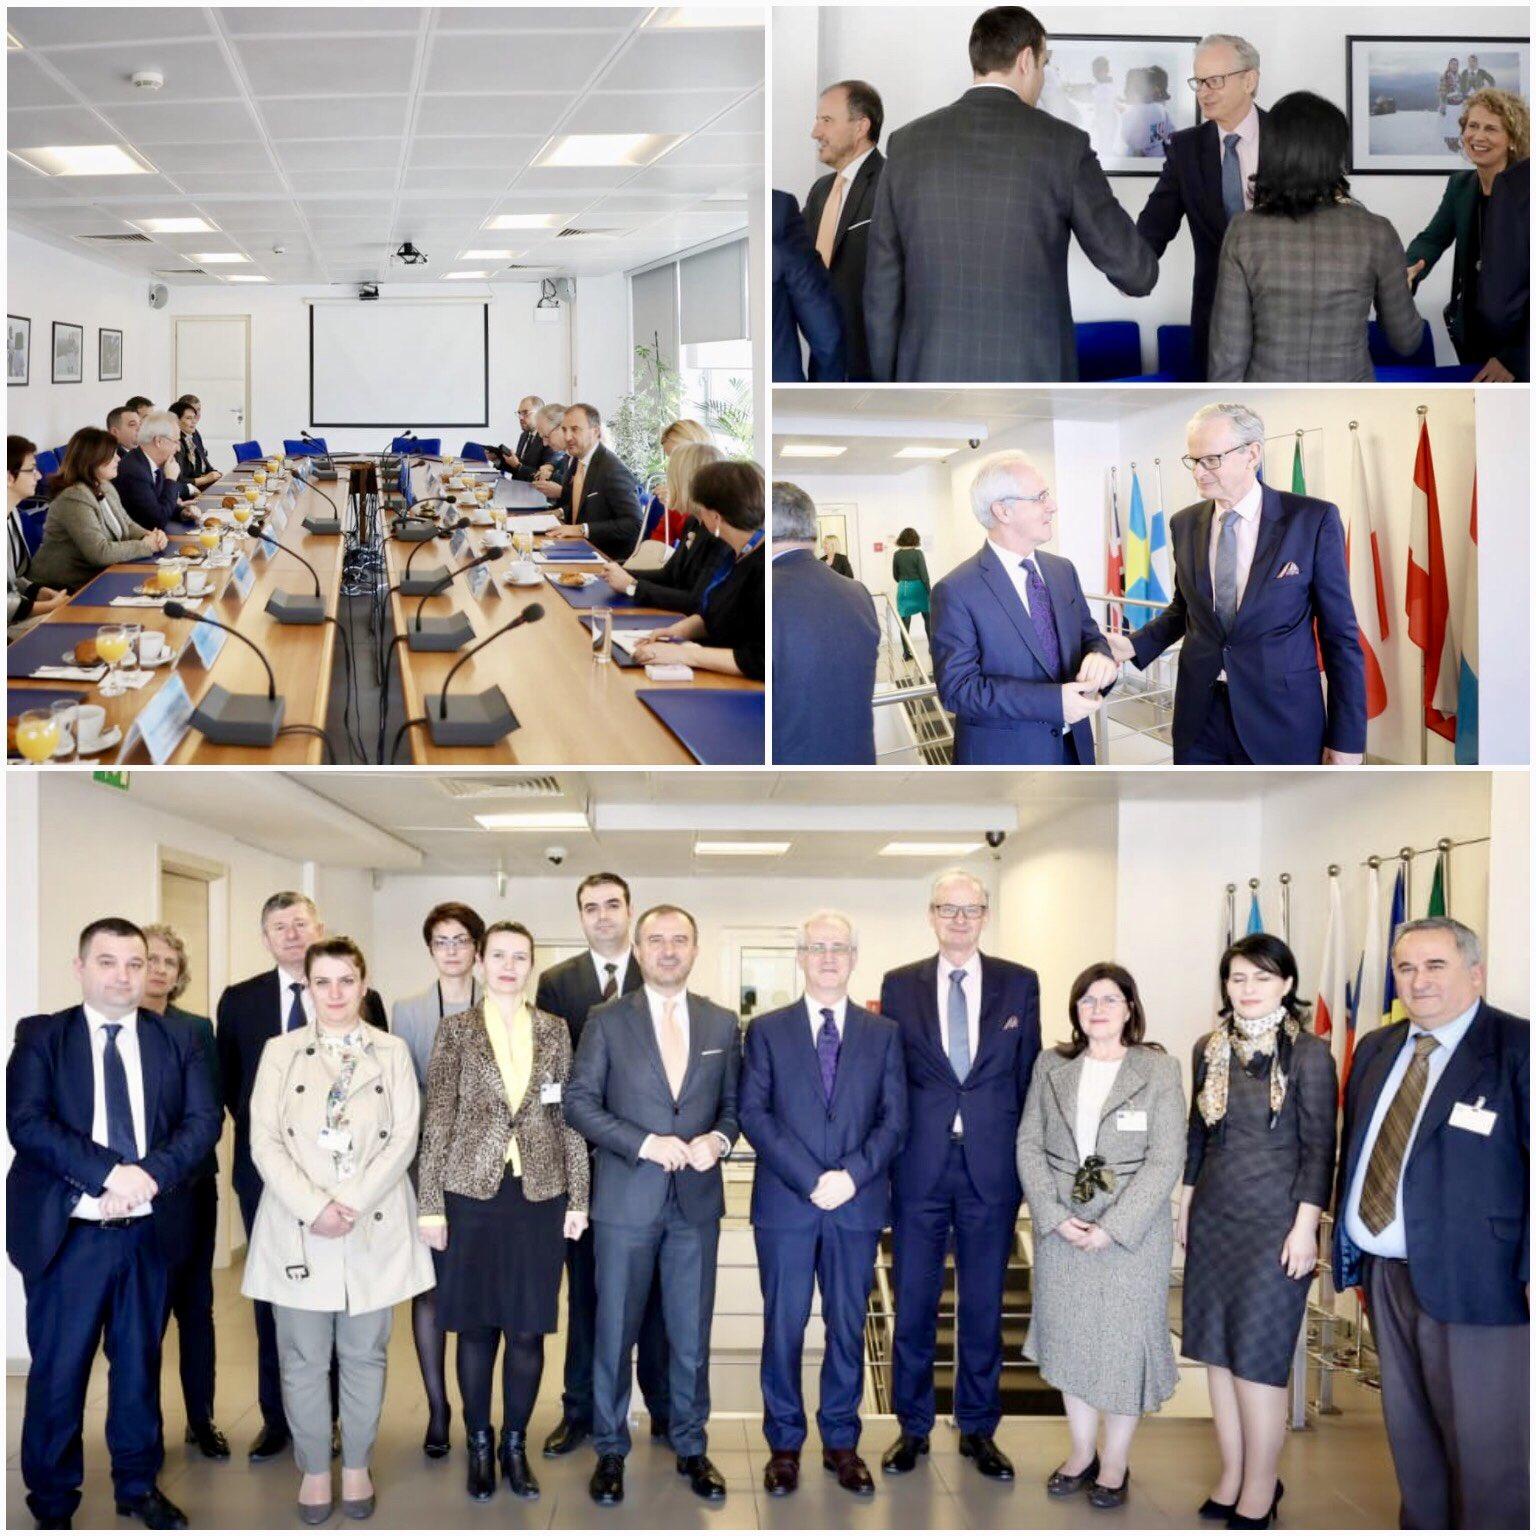 Drejtori i Përgjithshëm për Politikat Evropiane të Fqinjësisë dhe Zgjerimit Christian Danielsson, është takuar të enjten me anëtarët e Këshillit të Emërimeve në Drejtësi.